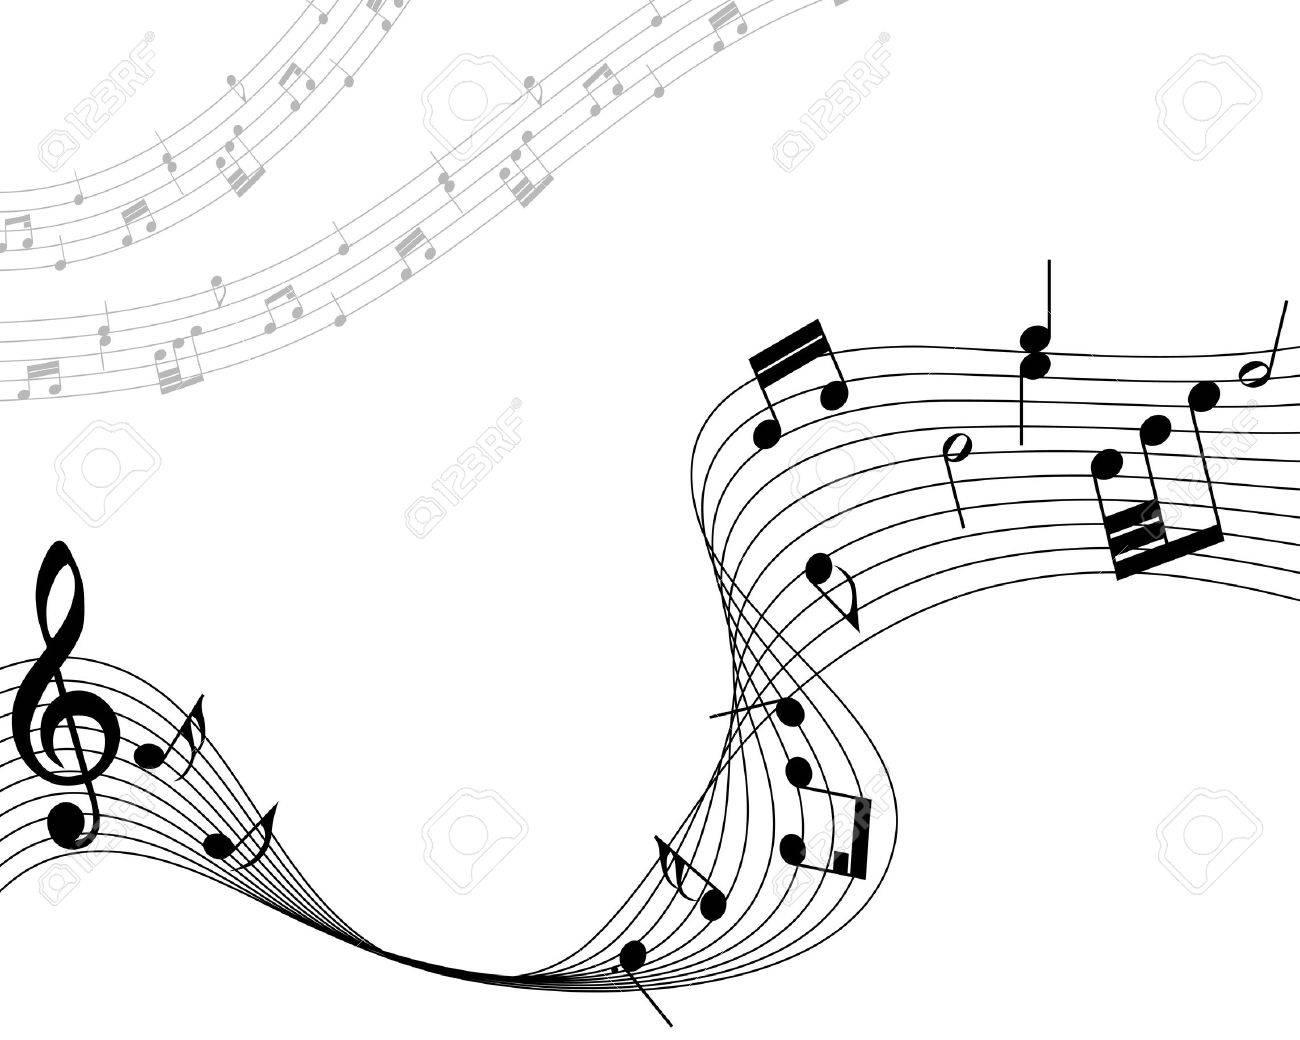 音符のスタッフ ベクトル イラスト透明効果なし のイラスト素材 ベクタ Image